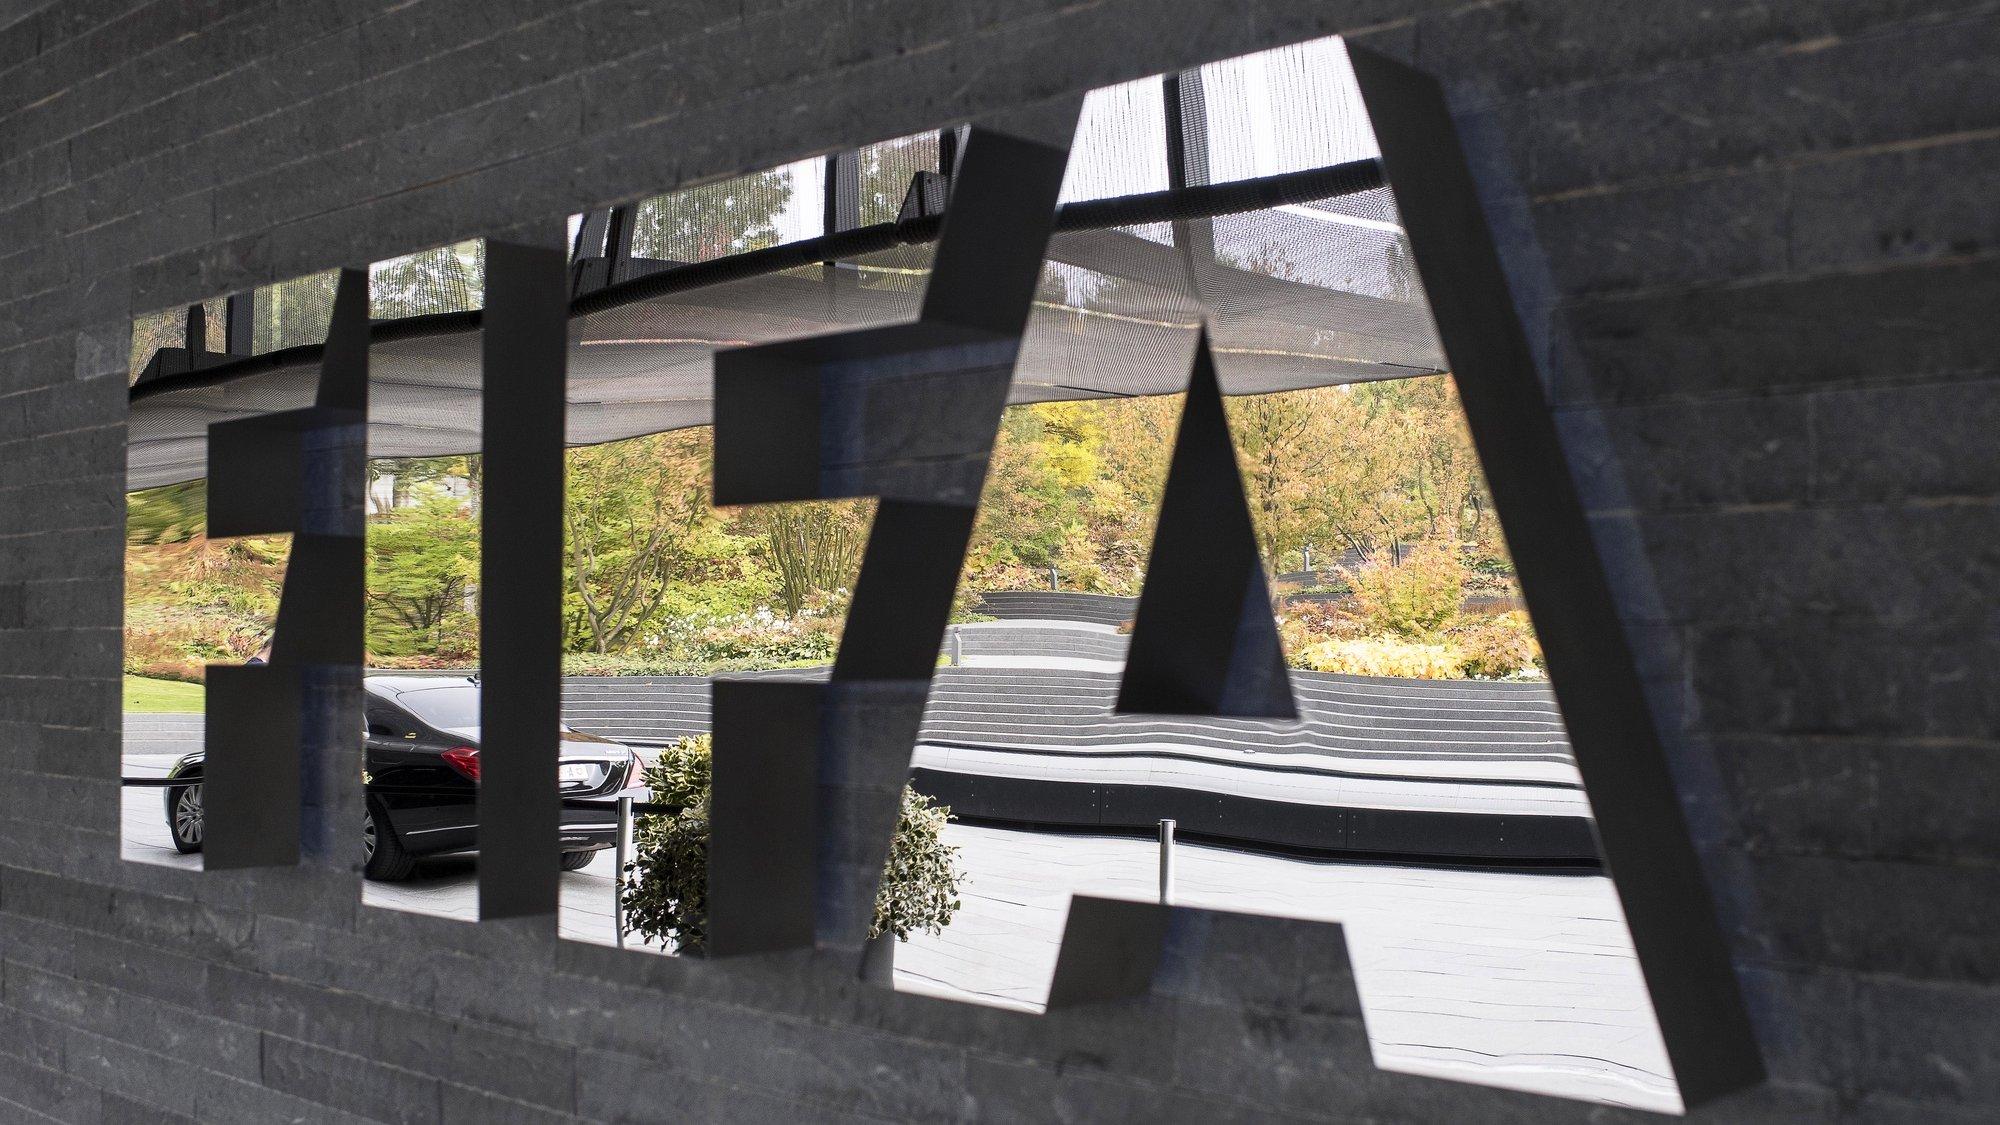 Logotipo da FIFA na sede da mesma, em Zurique, Suíça ,14 de outubro de 2016. EPA/ENNIO LEANZA